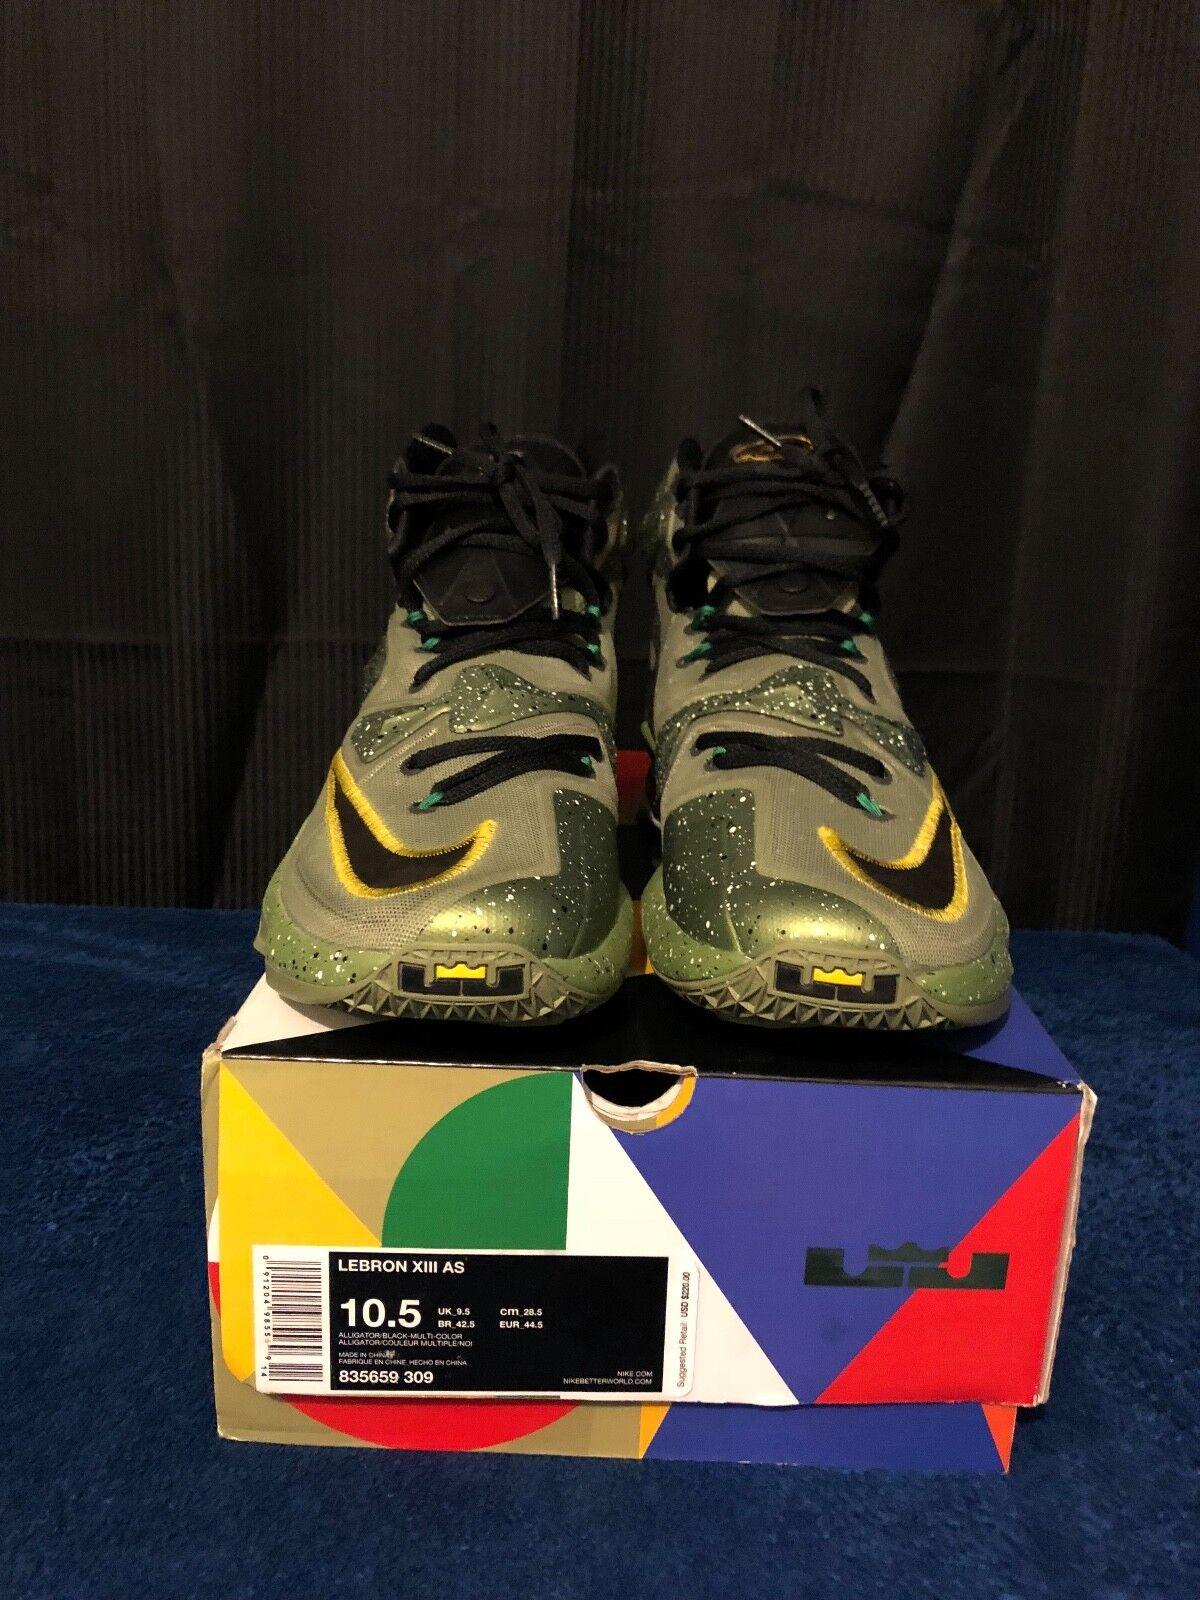 62d3c0857faf7 Nike Zoom Lebron James James James XIII AS Men Size 10.5 (835659-309 ...